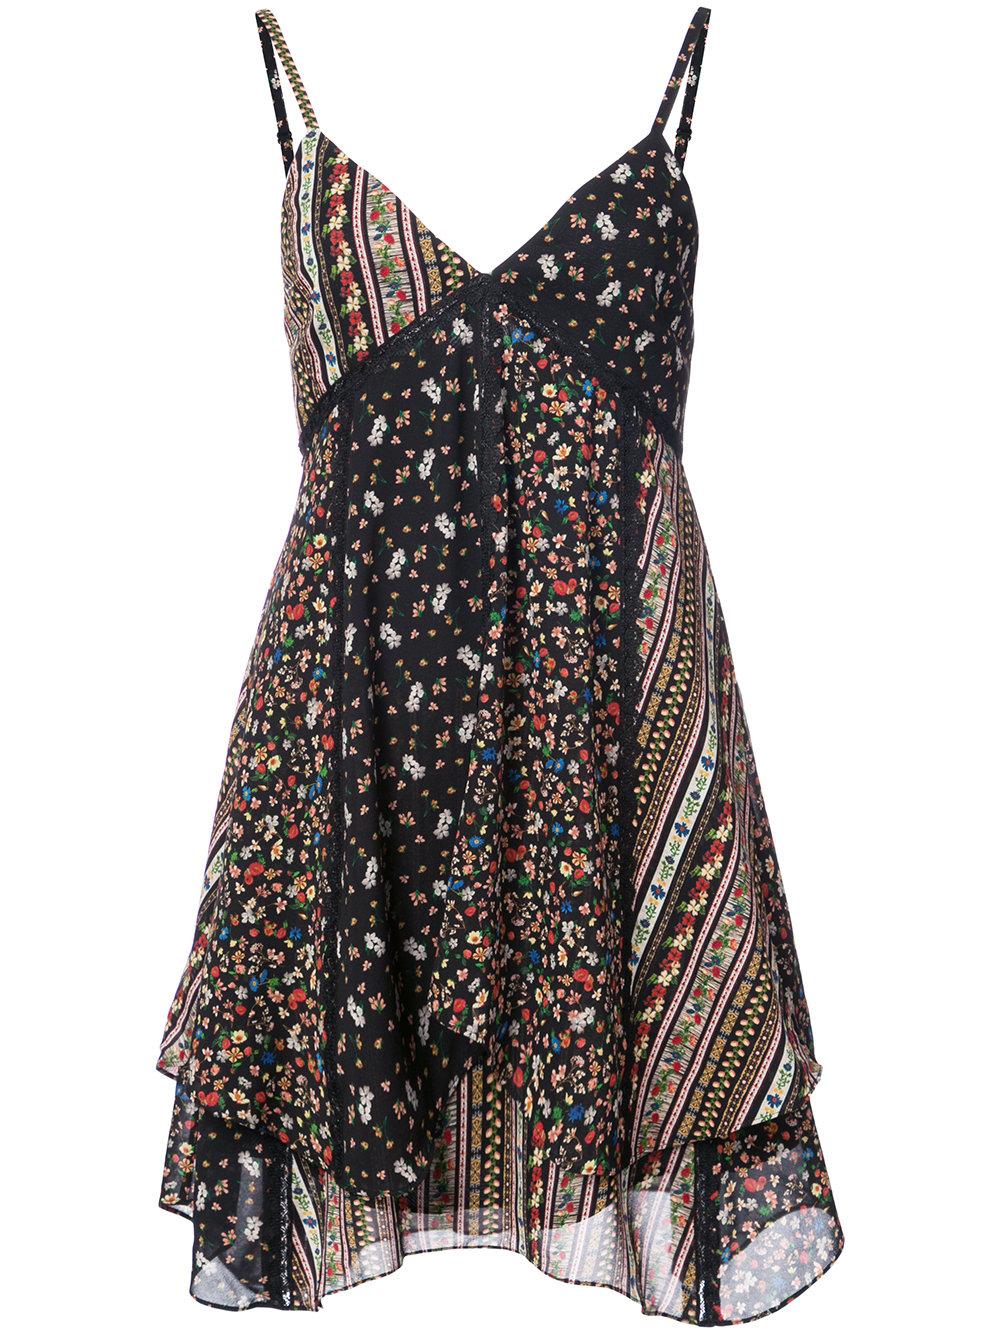 ALICE+OLIVIA floral dress - $375